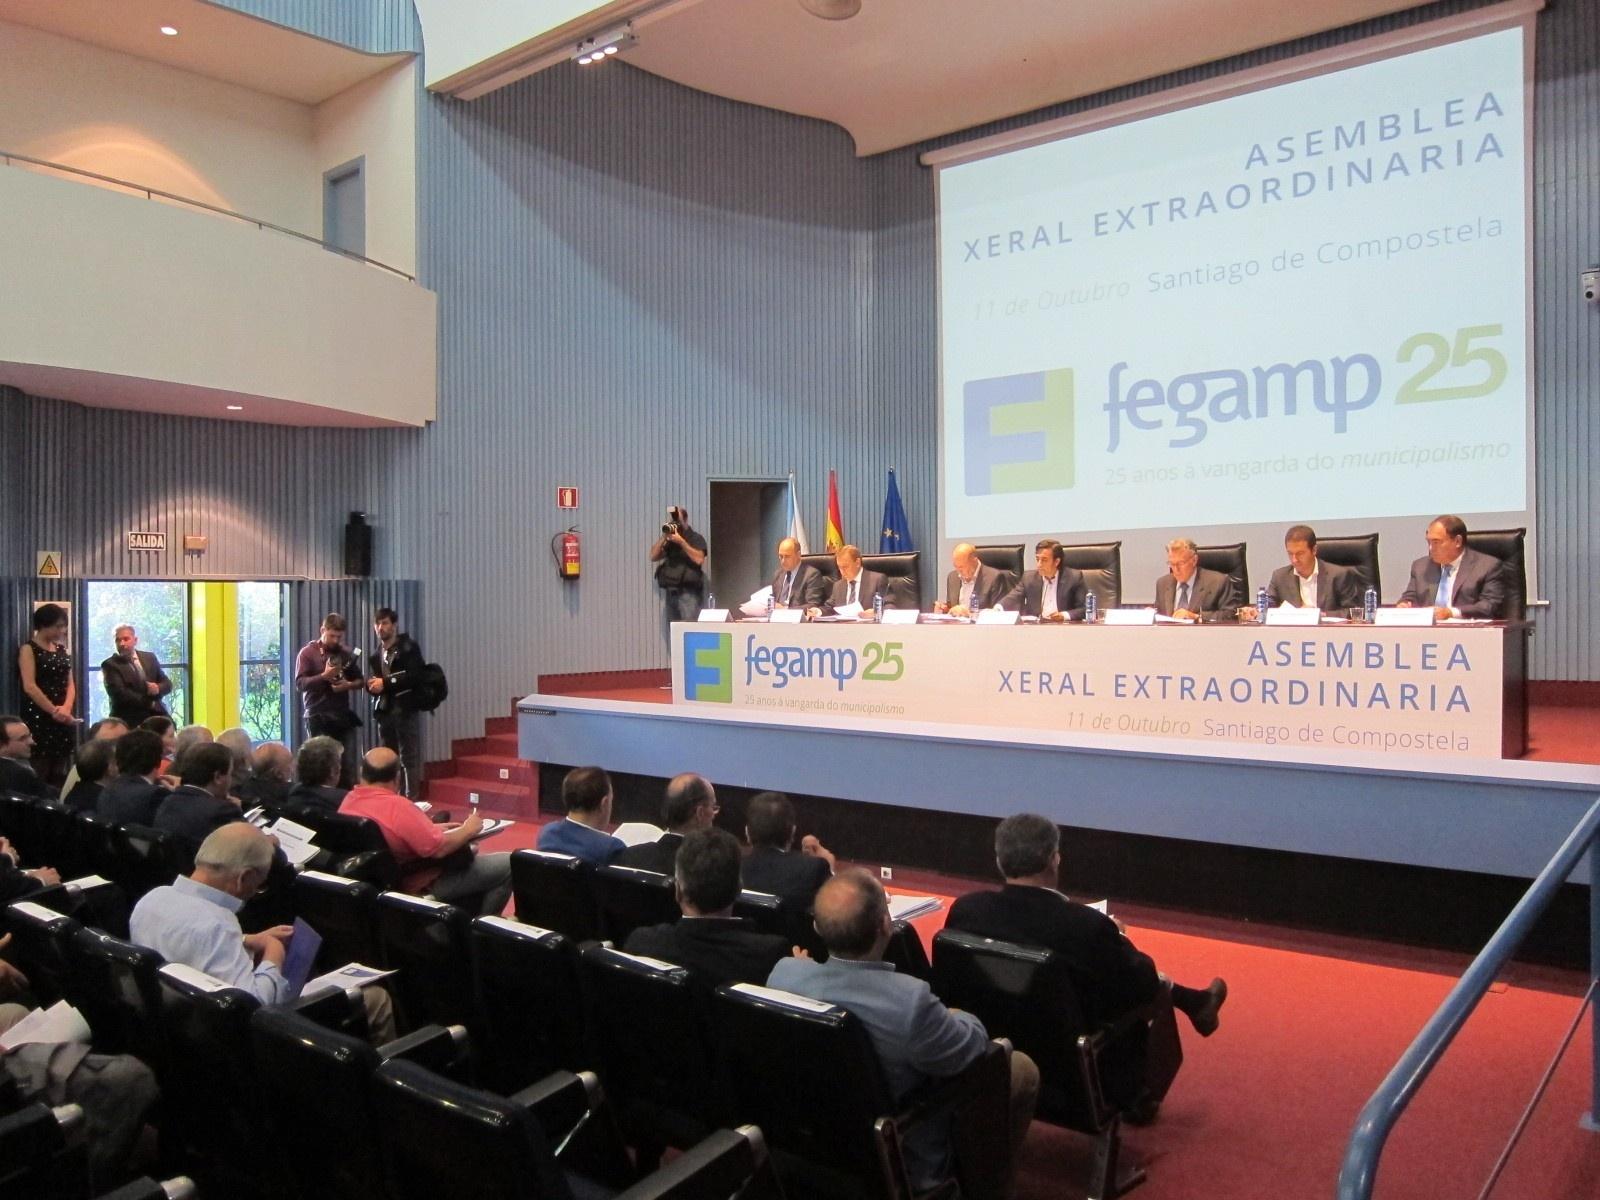 (AV) Sólo tres ayuntamientos votan en contra de las enmiendas de la Fegamp a la reforma local